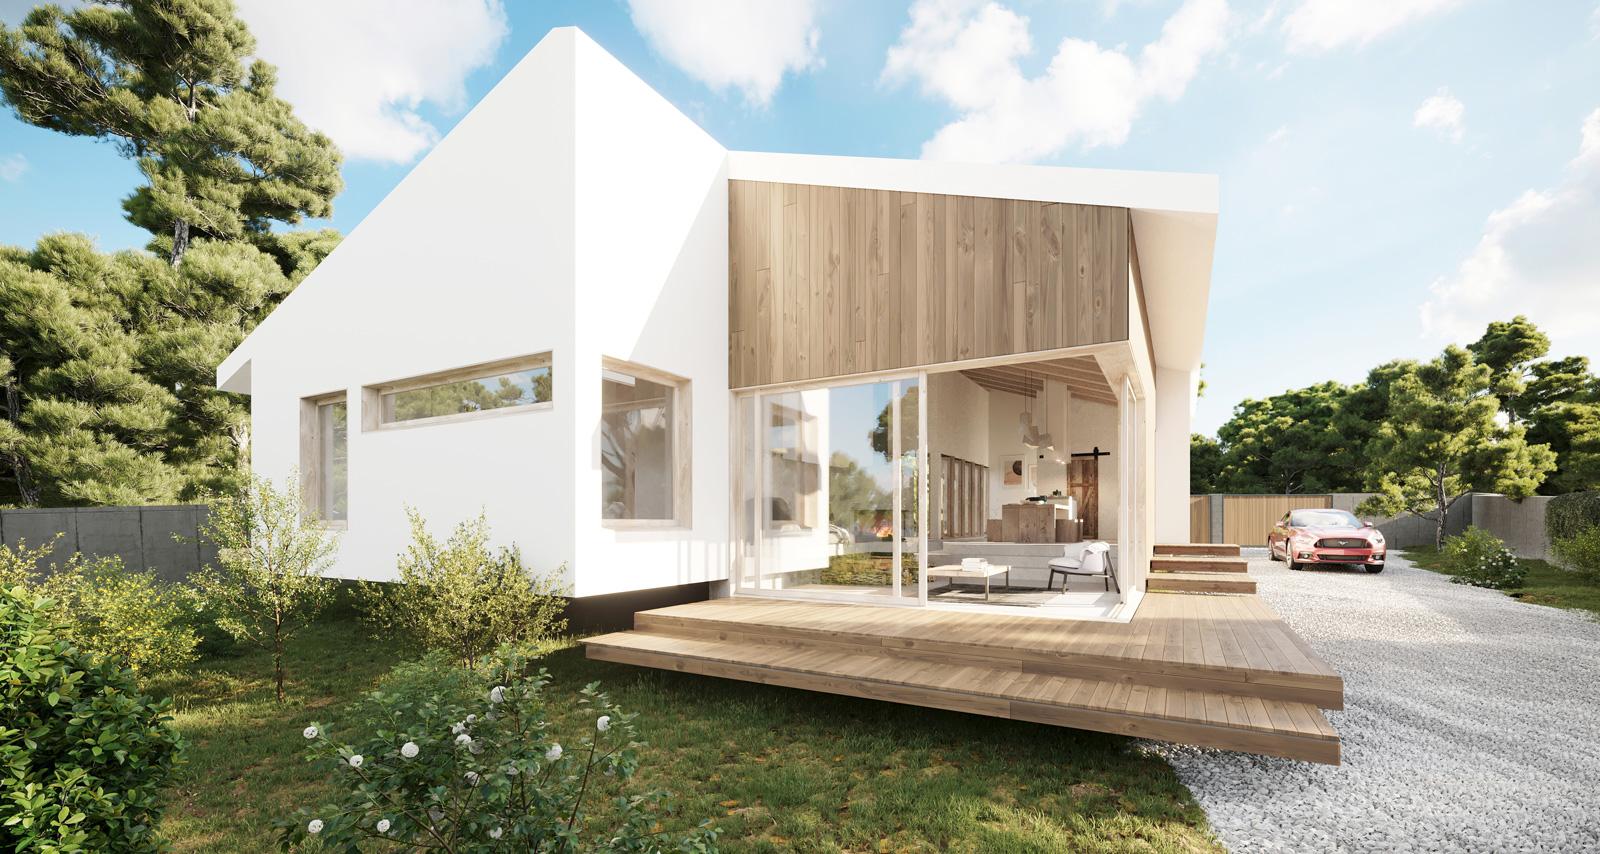 estudio de arquitectura en noreña